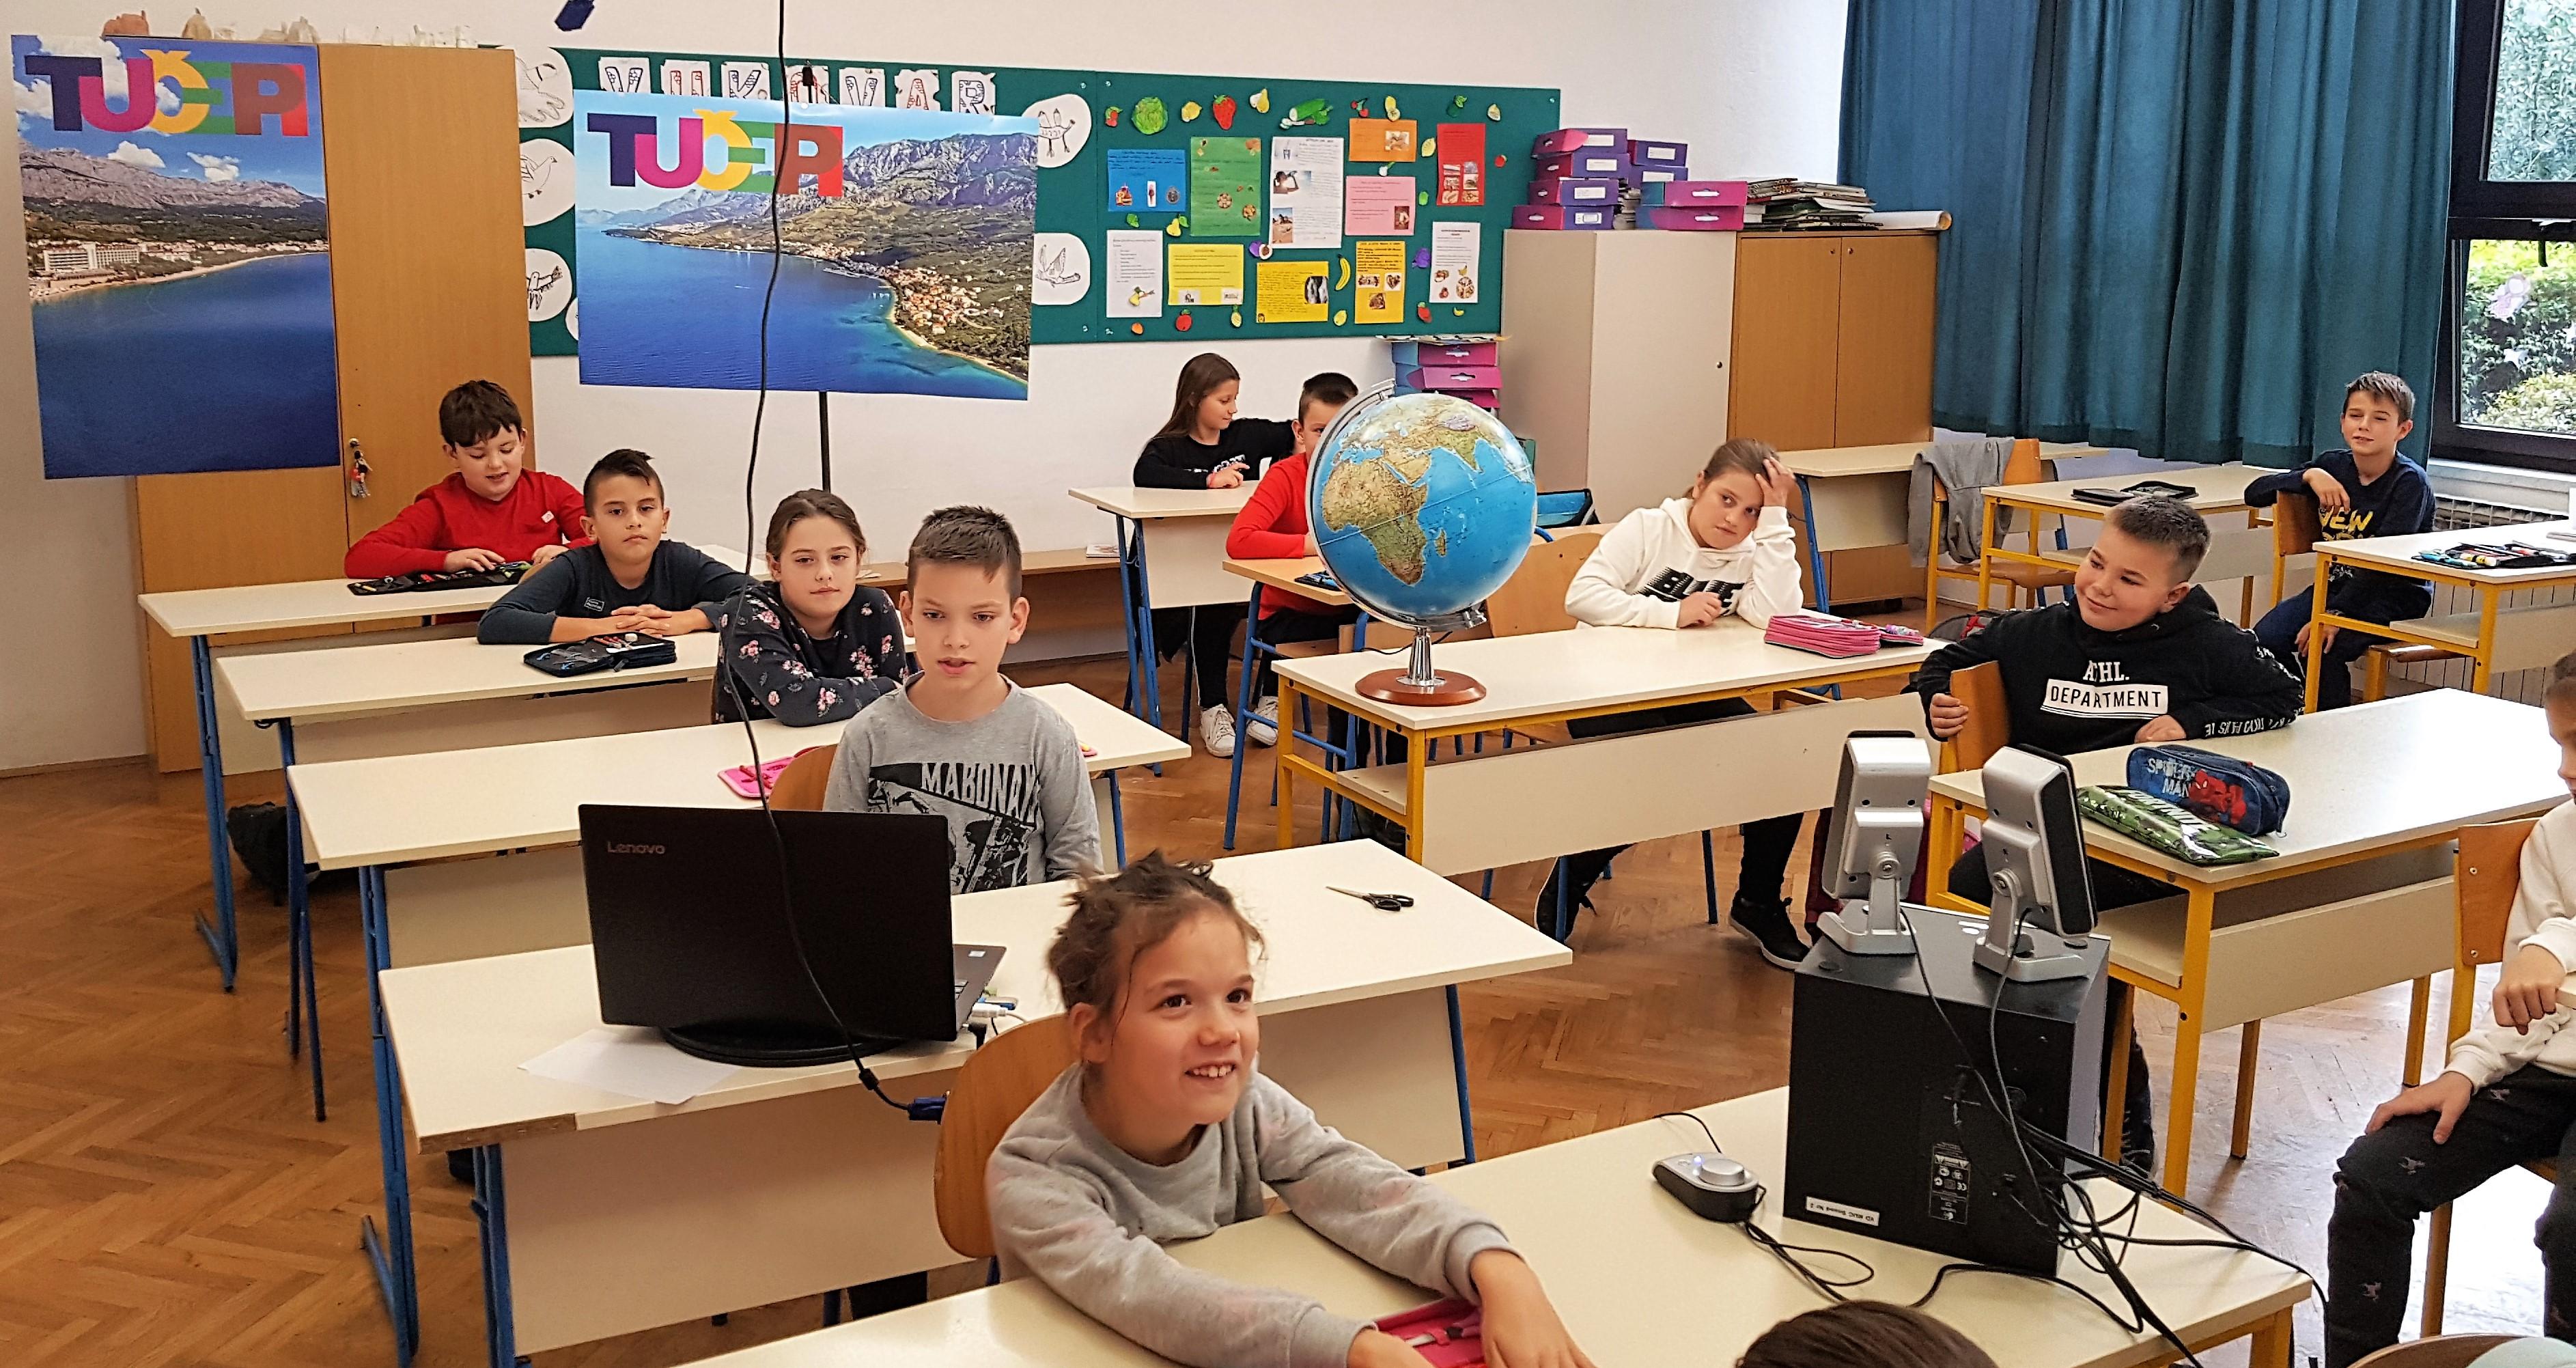 učenici sjede u učionici